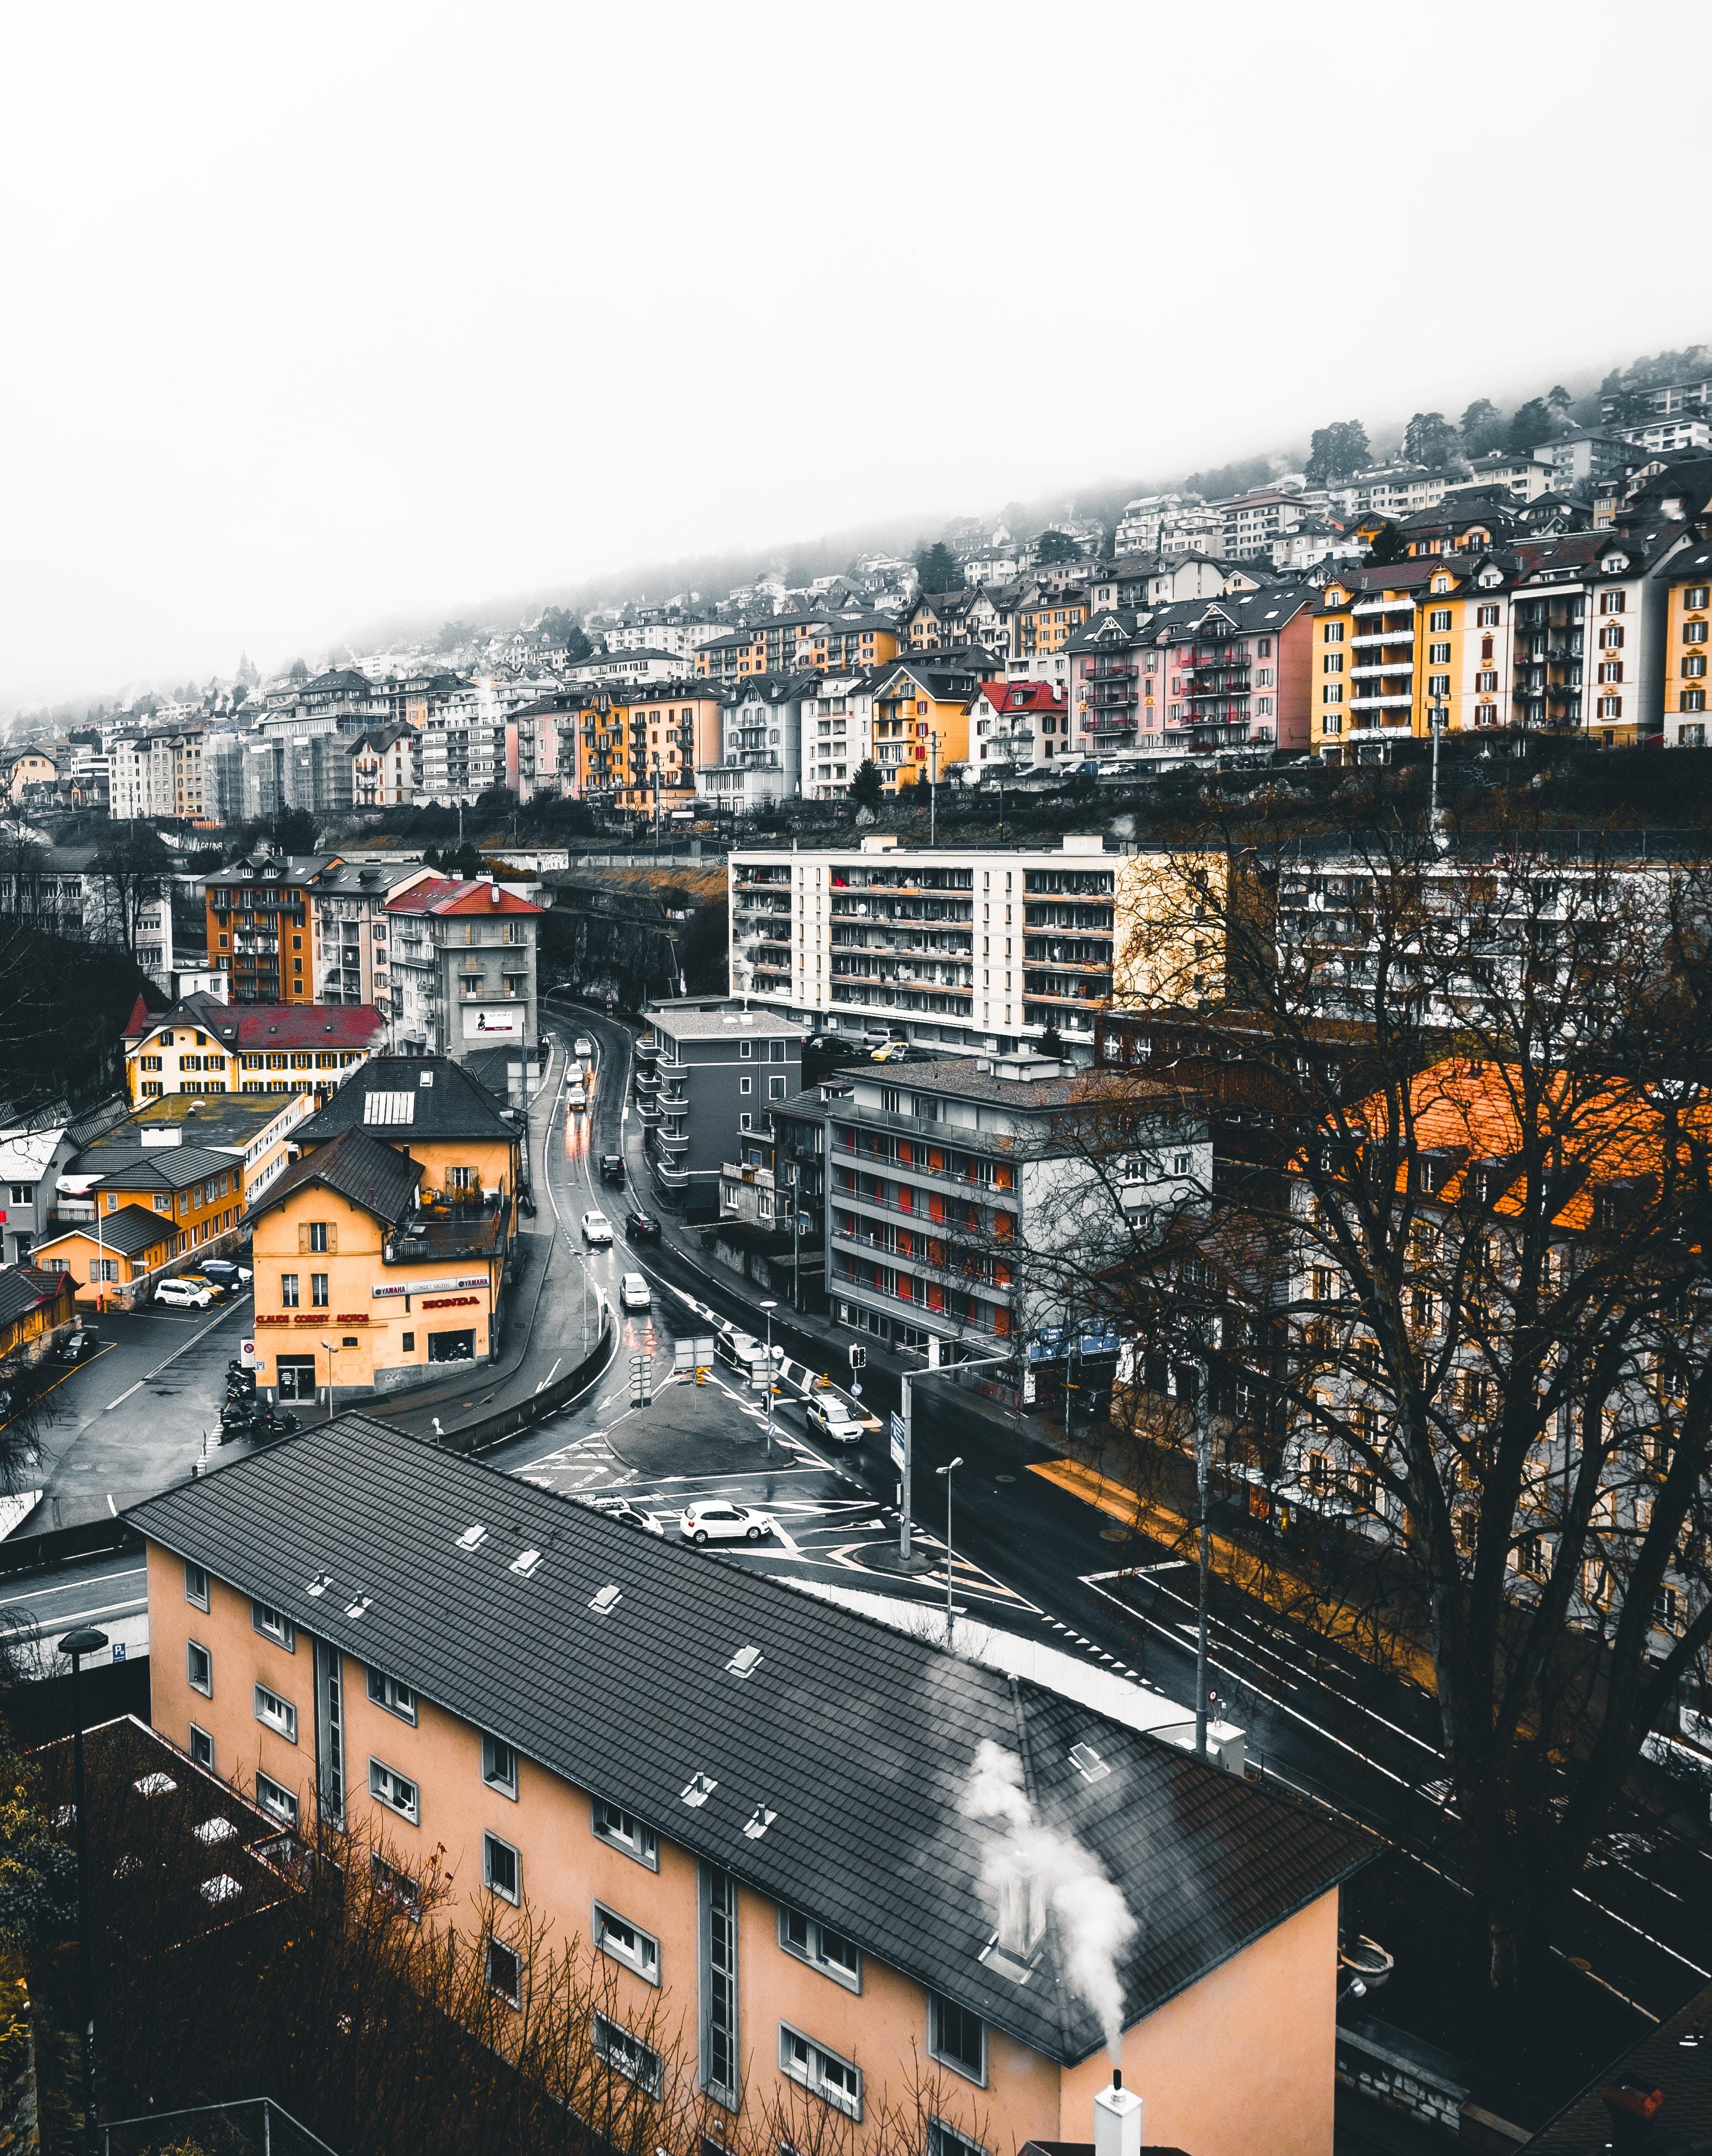 89631 скачать обои Швейцария, Города, Дома, Город, Здания, Вид Сверху, Улица, Невшатель - заставки и картинки бесплатно